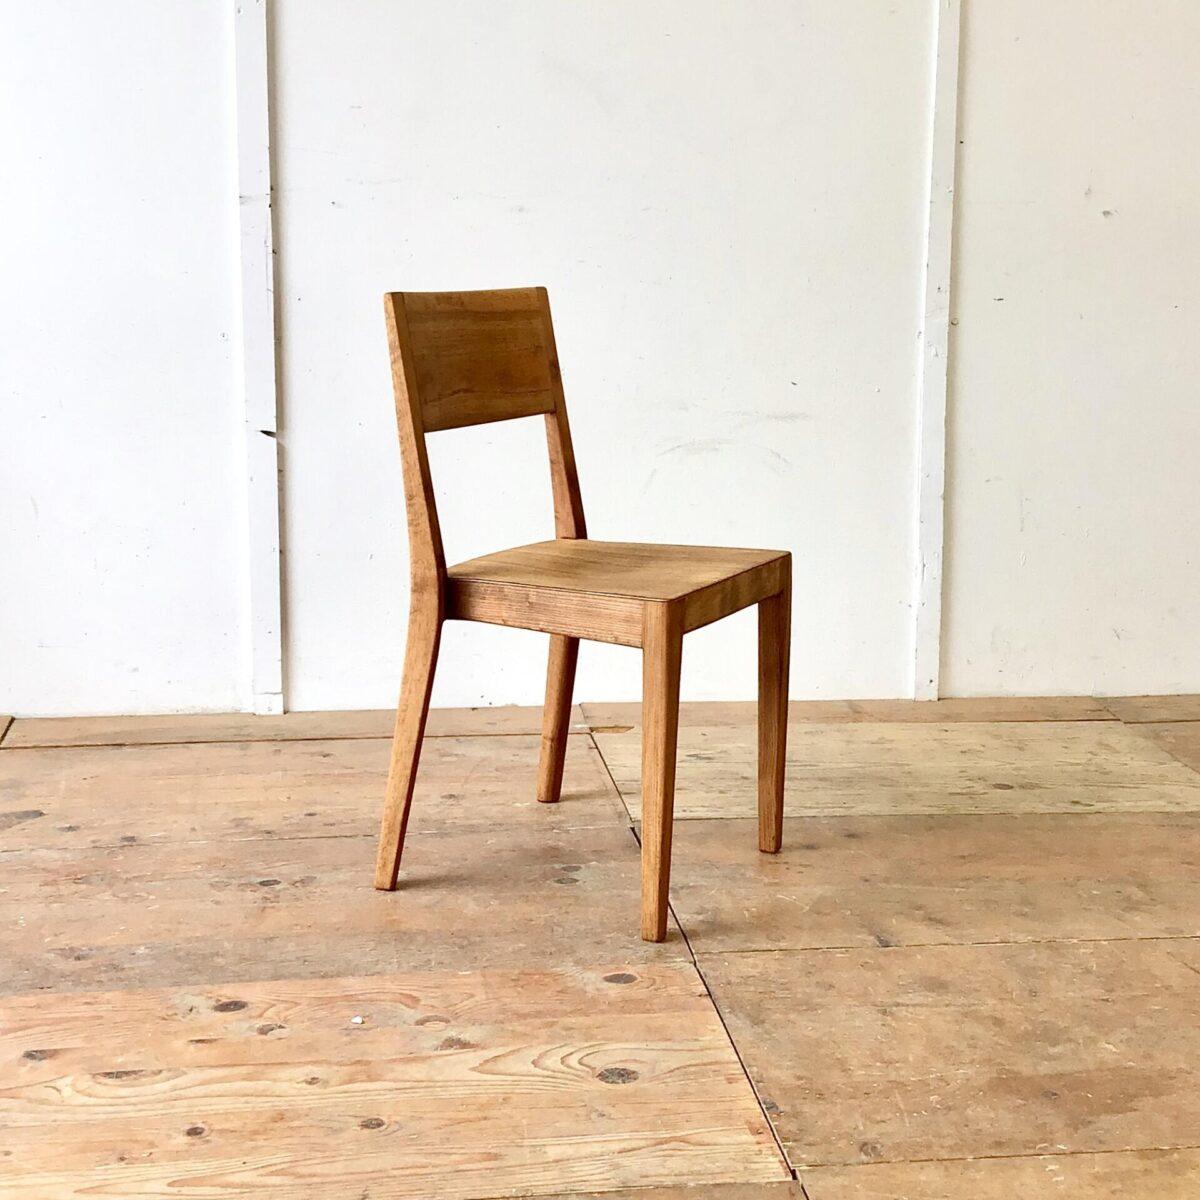 Einzelner Stapelstuhl 687 S von horgenglarus. Dieser Werkentwurf Aus den 50er Jahren, war wohl die Vorlage für den leicht abgeänderten Miro Stuhl von Hannes Wettstein. Der Stuhl ist komplett geschliffen und Natur geölt. Die schöne Alterspatina ist Original und dem Alter zuzuschreiben. Lehne und Hinterbeine sind aus Nussbaum, Sitzfläche und Vorderbeine tippe ich auf Ulmenholz.